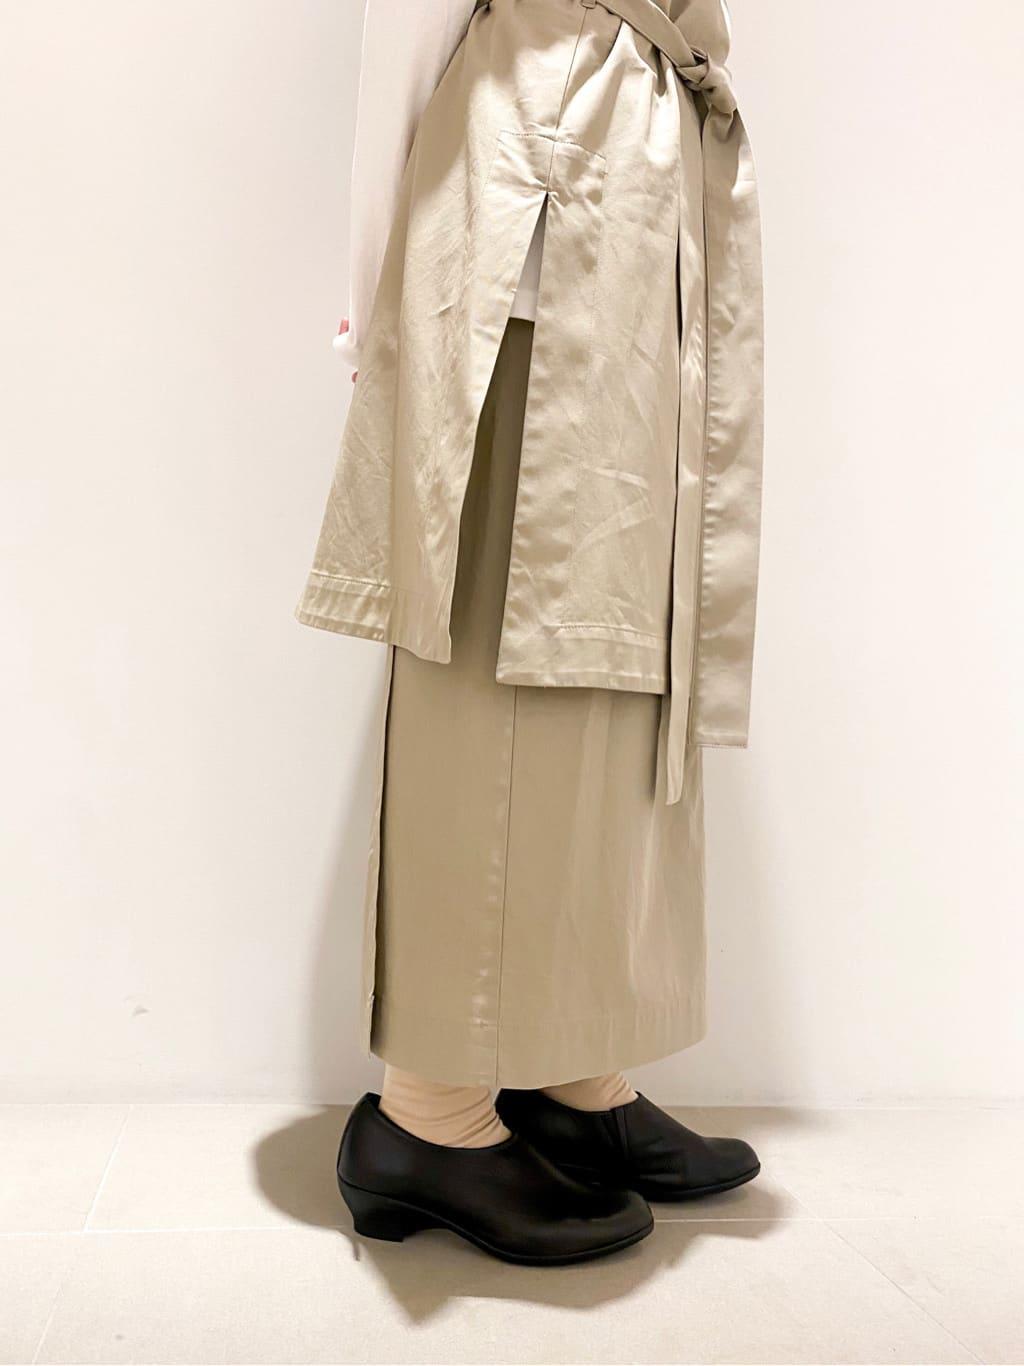 yuni 二子玉川ライズ 身長:154cm 2021.09.03